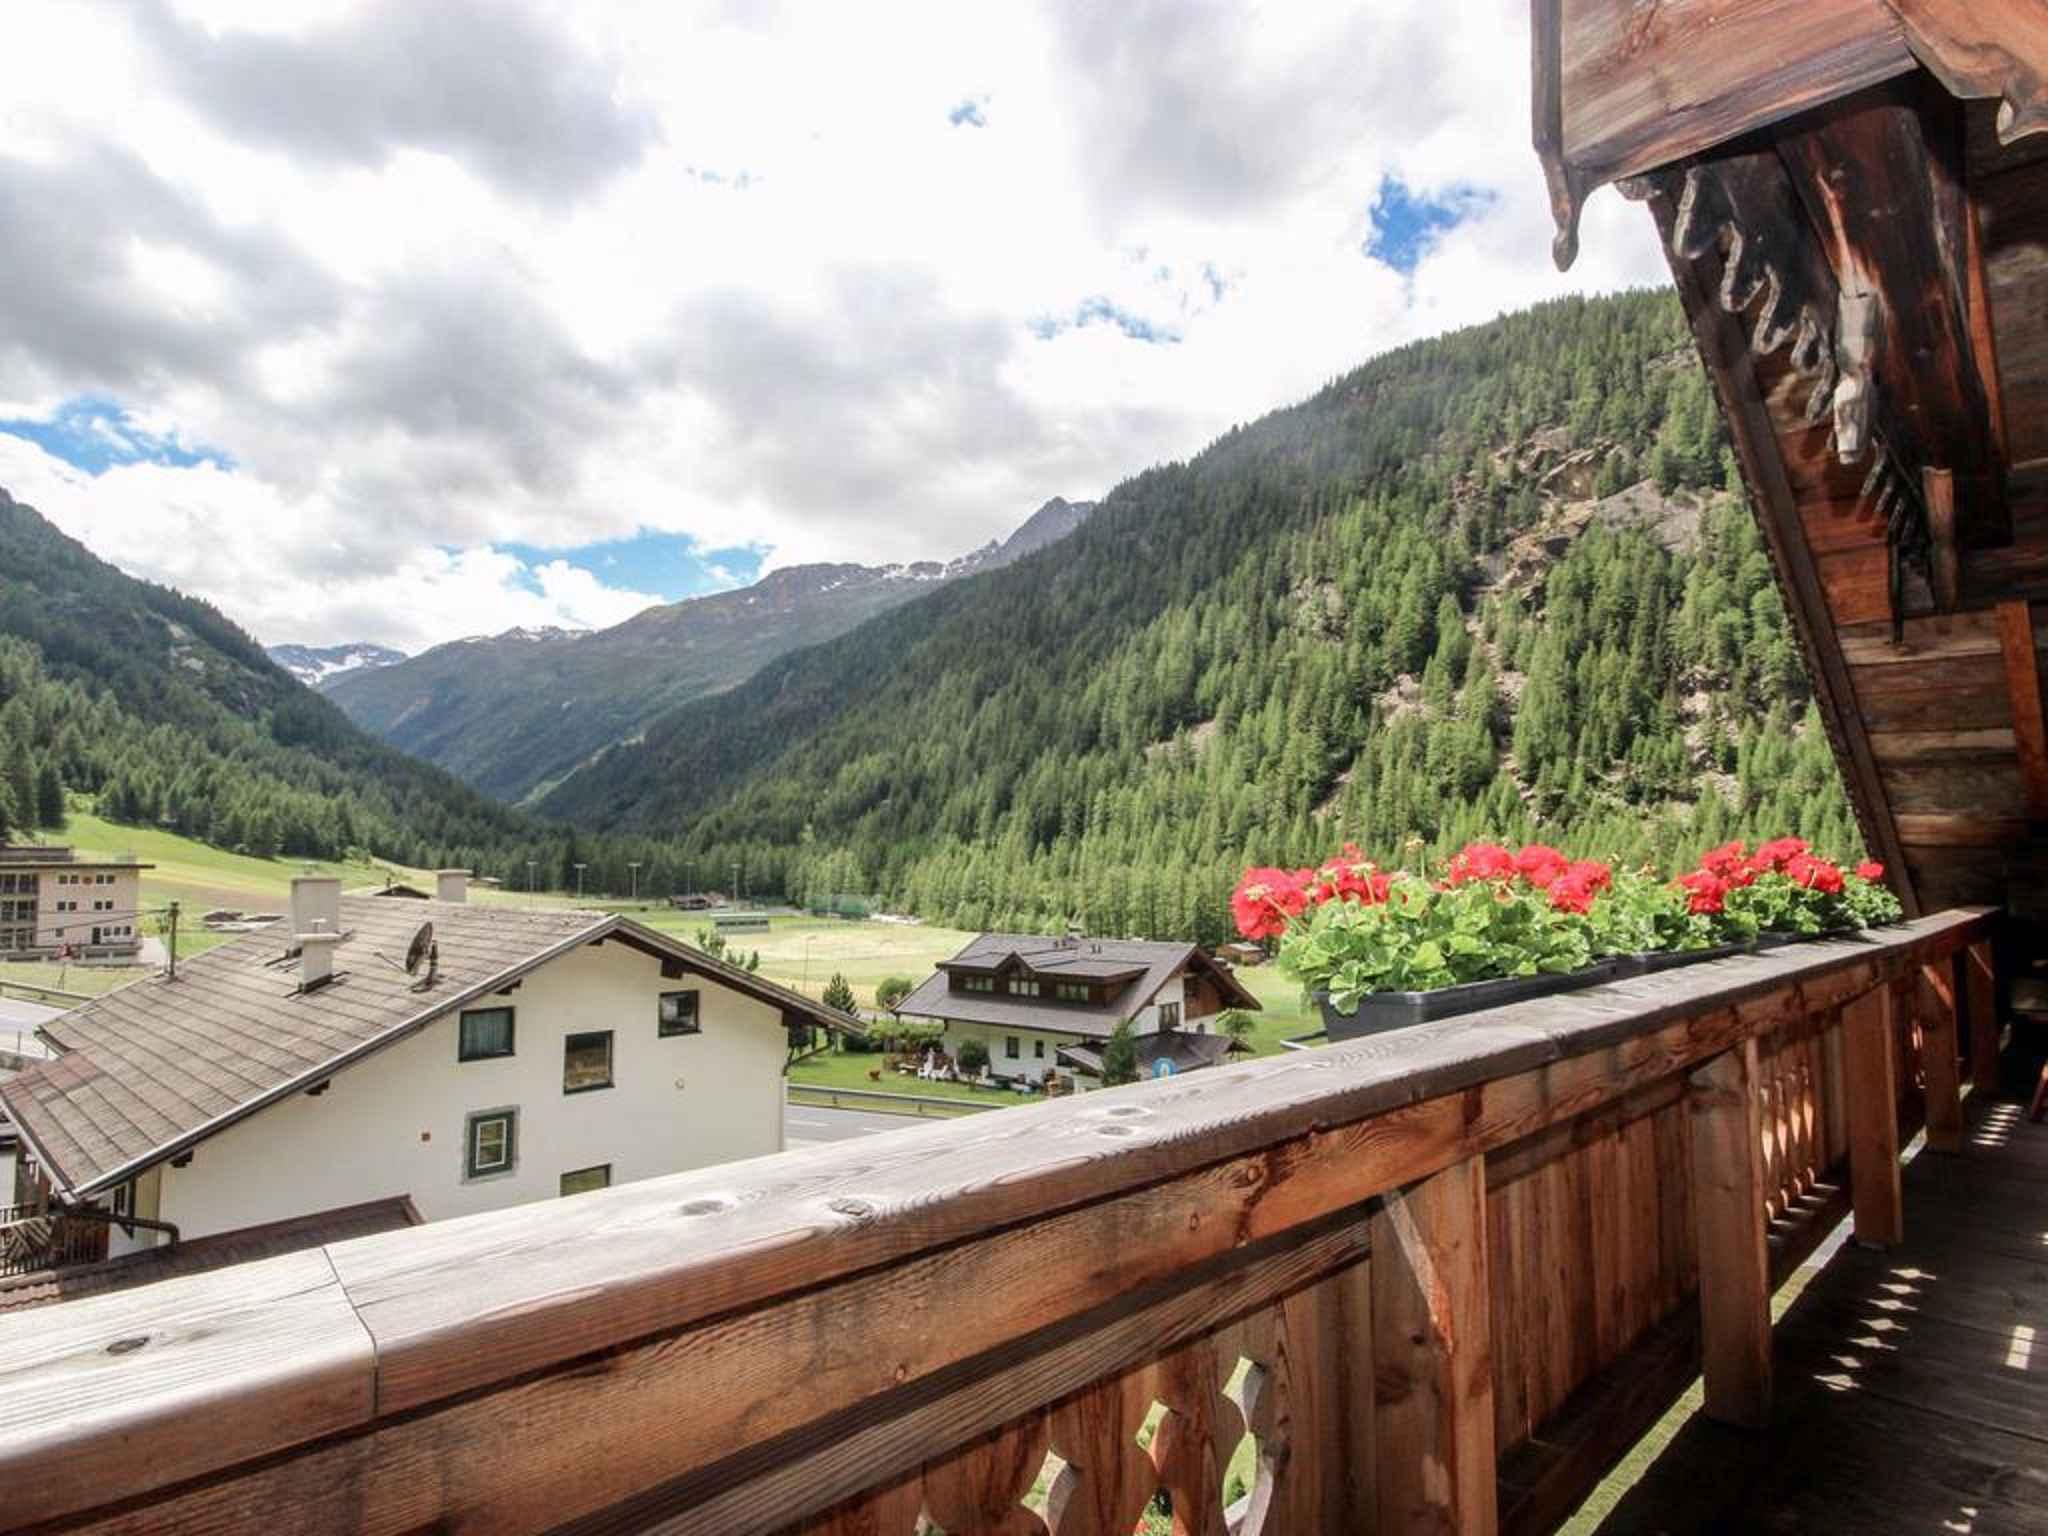 Ferienwohnung in einem über 300 Jahre alten Holzhaus (283707), Sölden (AT), Ötztal, Tirol, Österreich, Bild 5